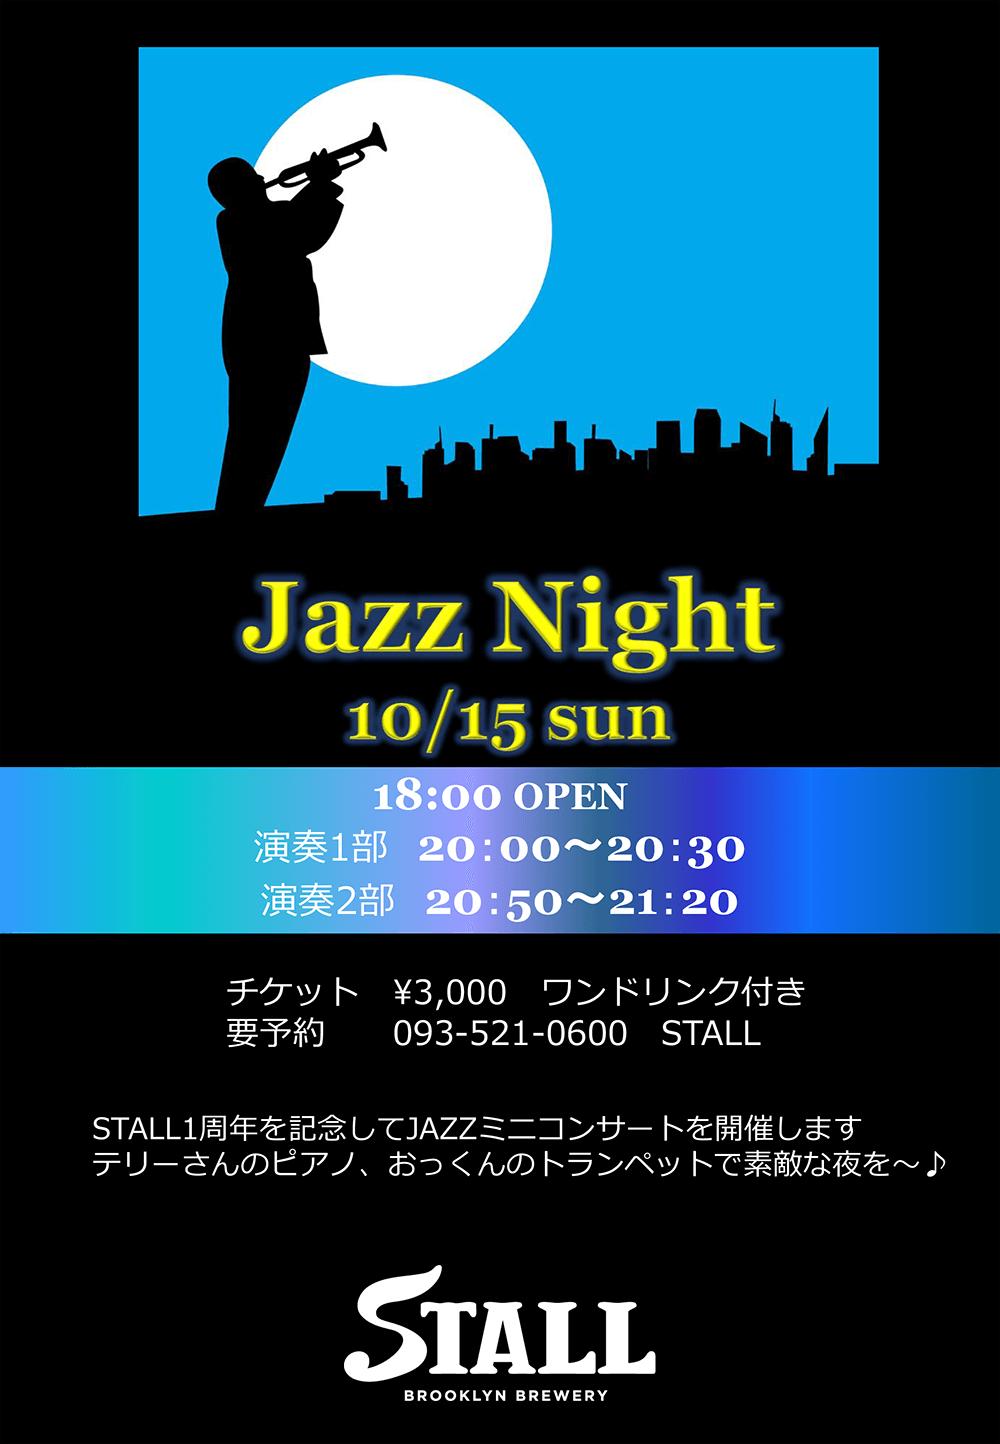 ジャズコンサートのフライヤー画像